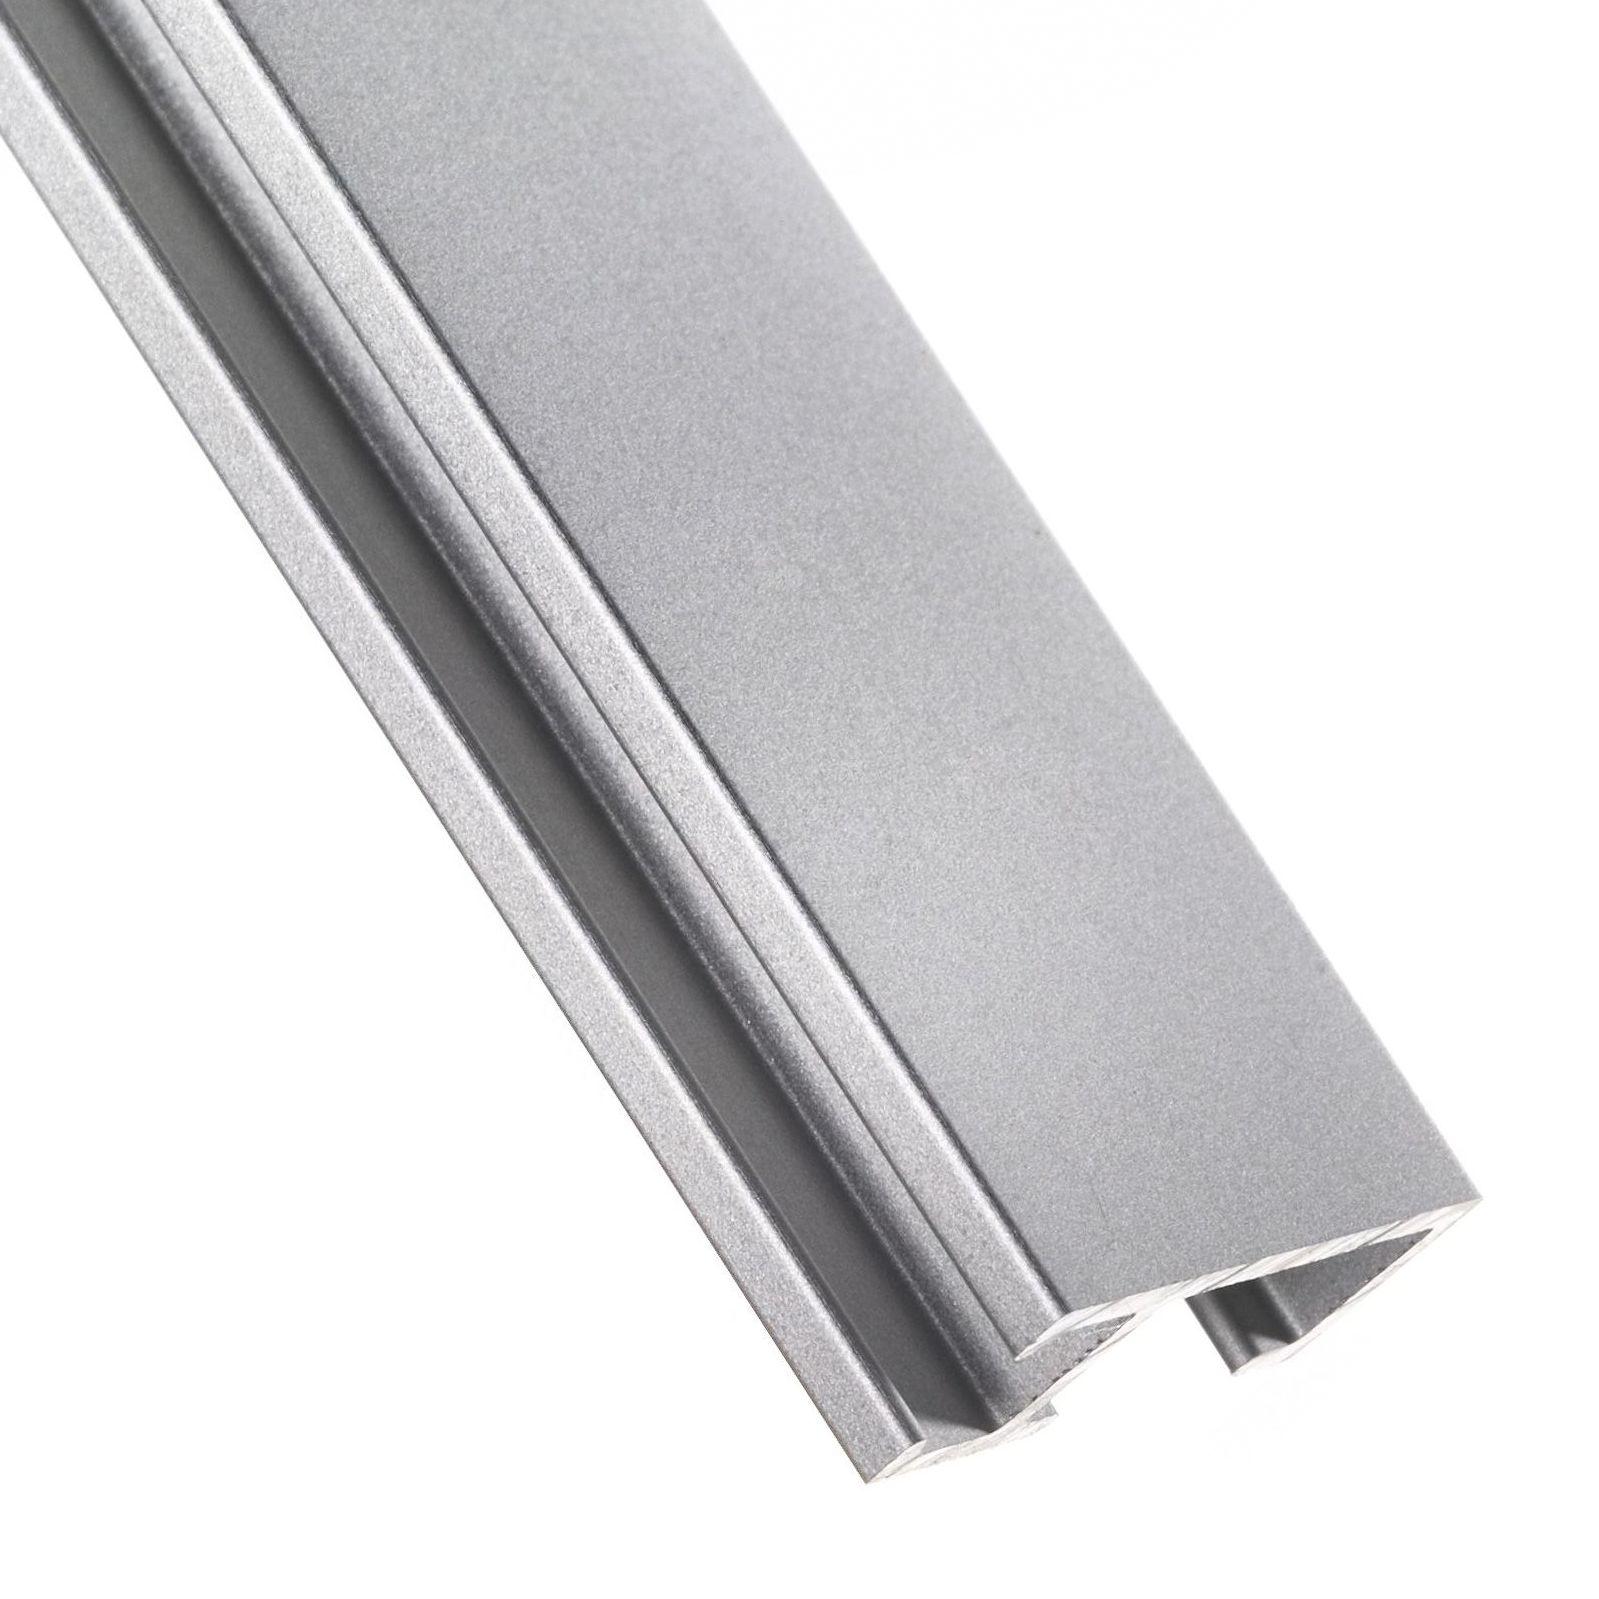 Galerieschiene Silber - Zuschnitt | Aufhängesysteme | Zubehör ...